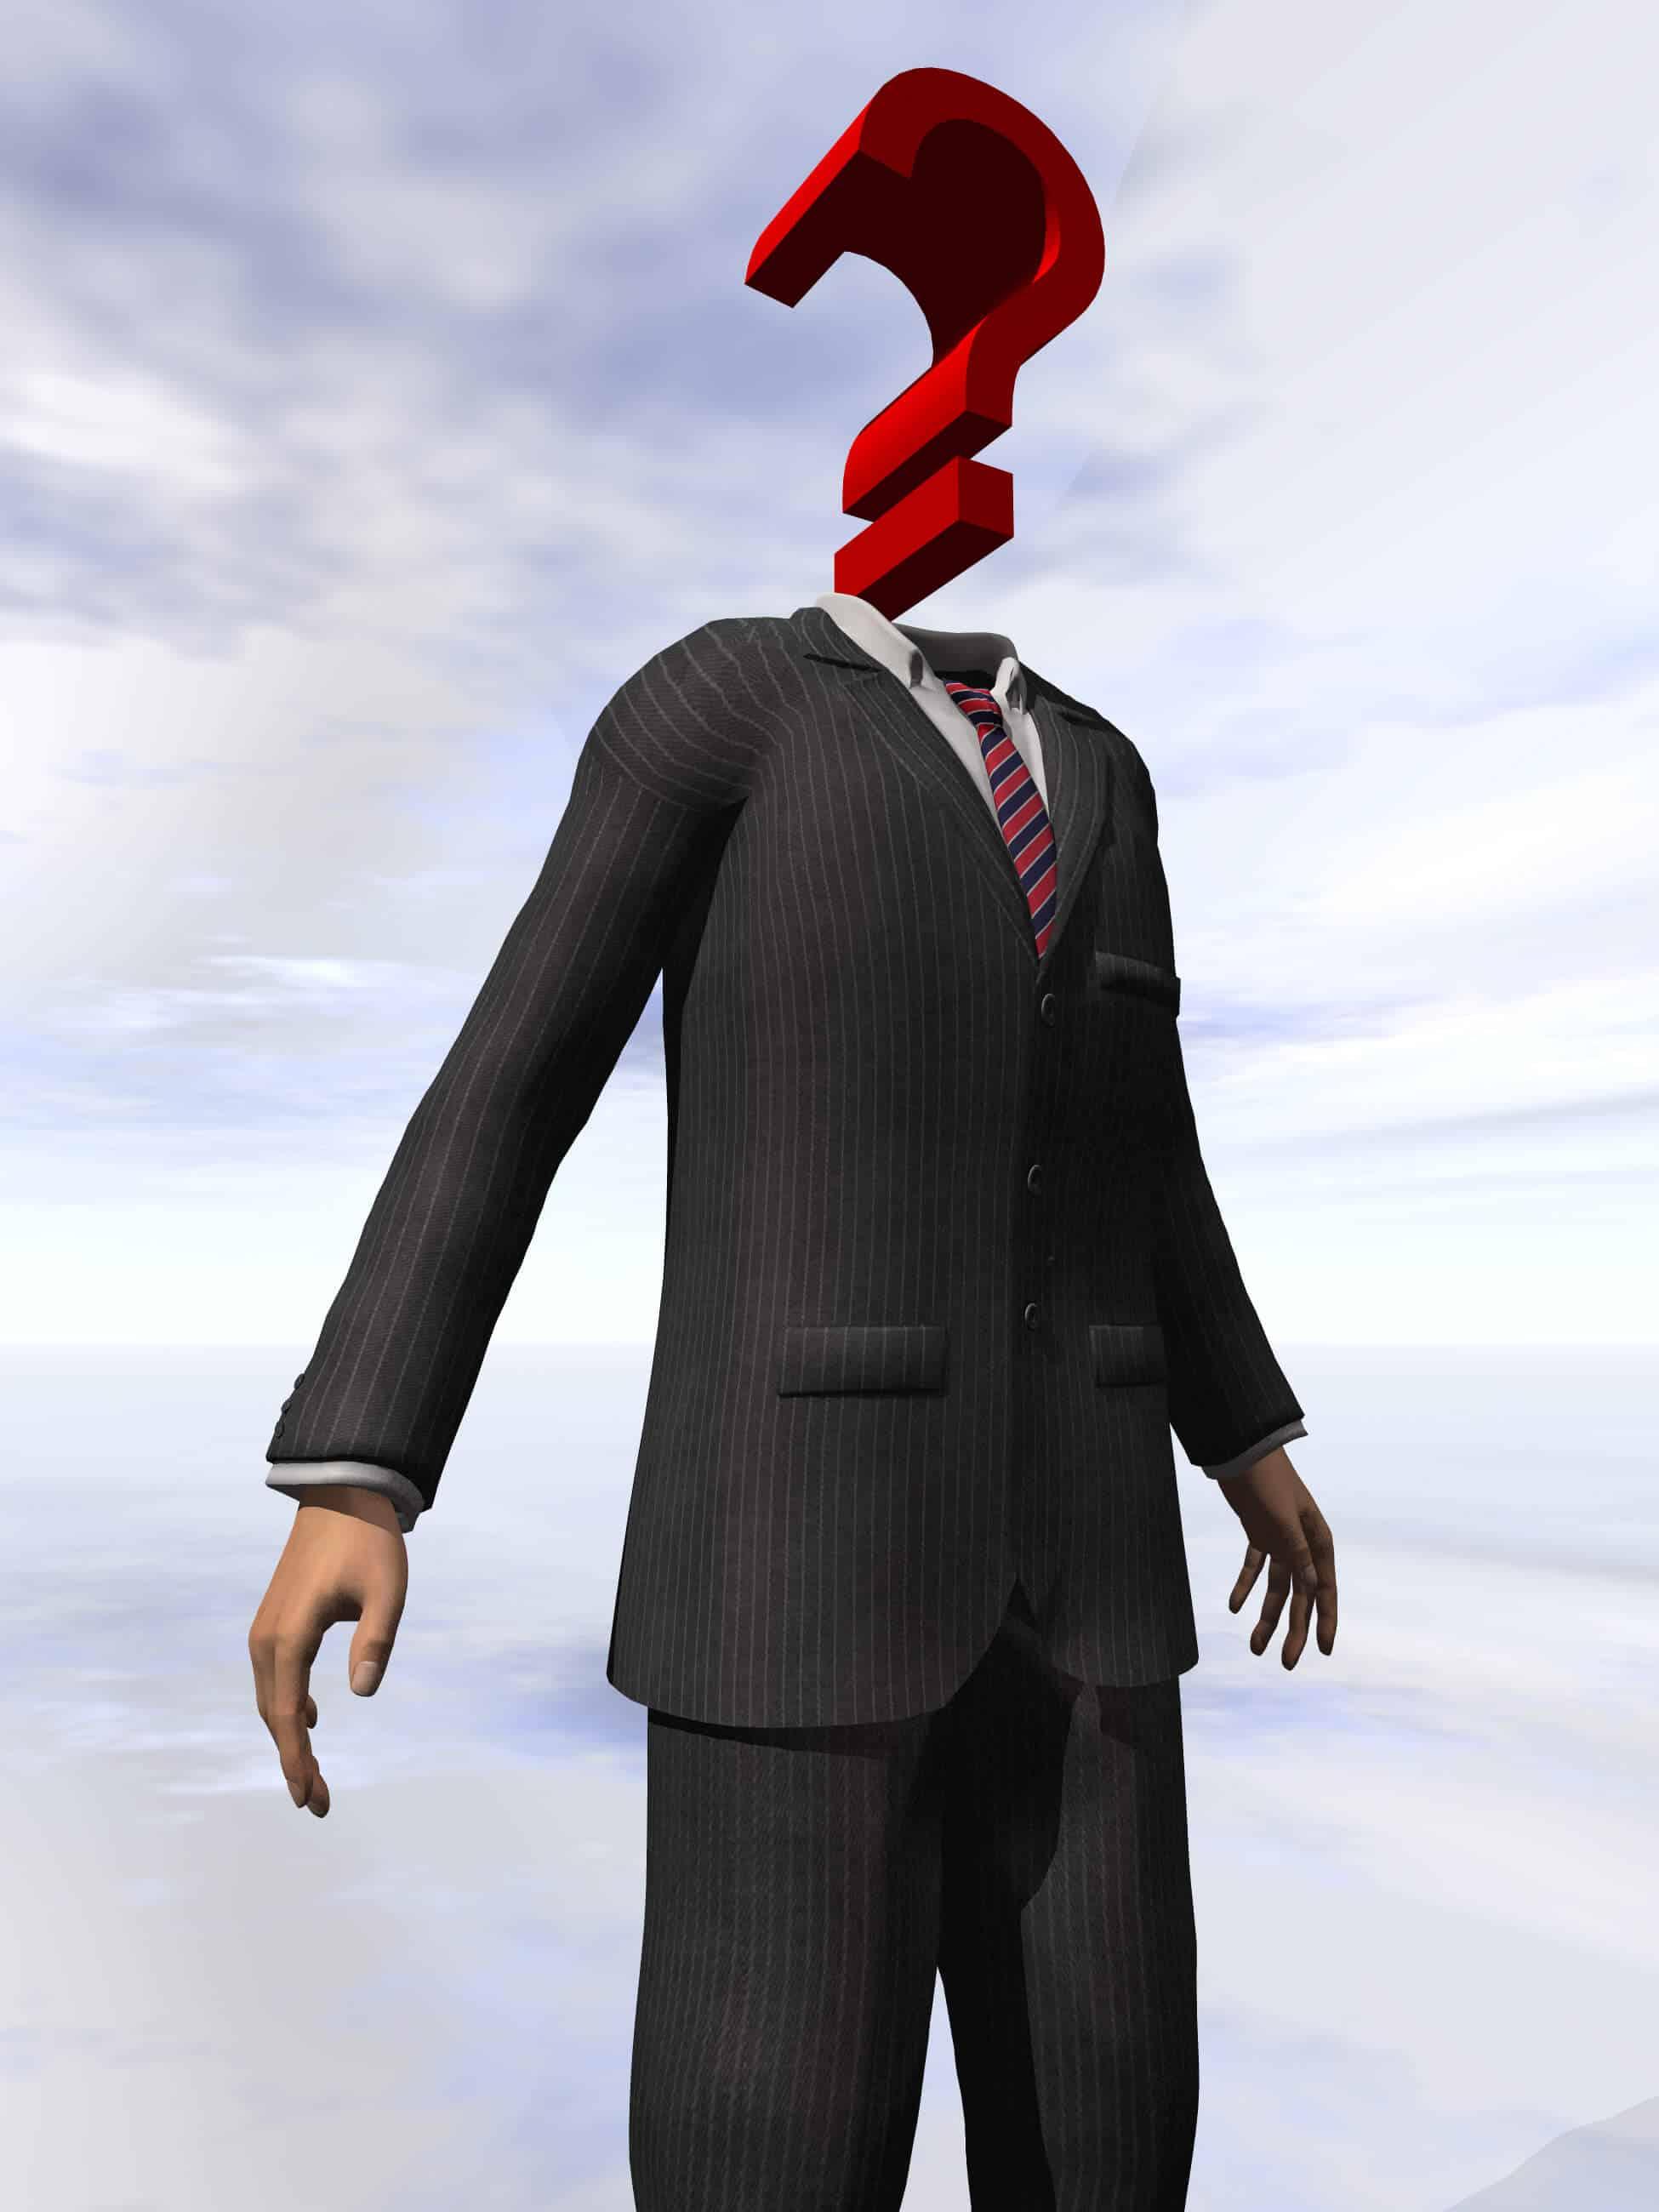 שאלות בפתיחת עסק